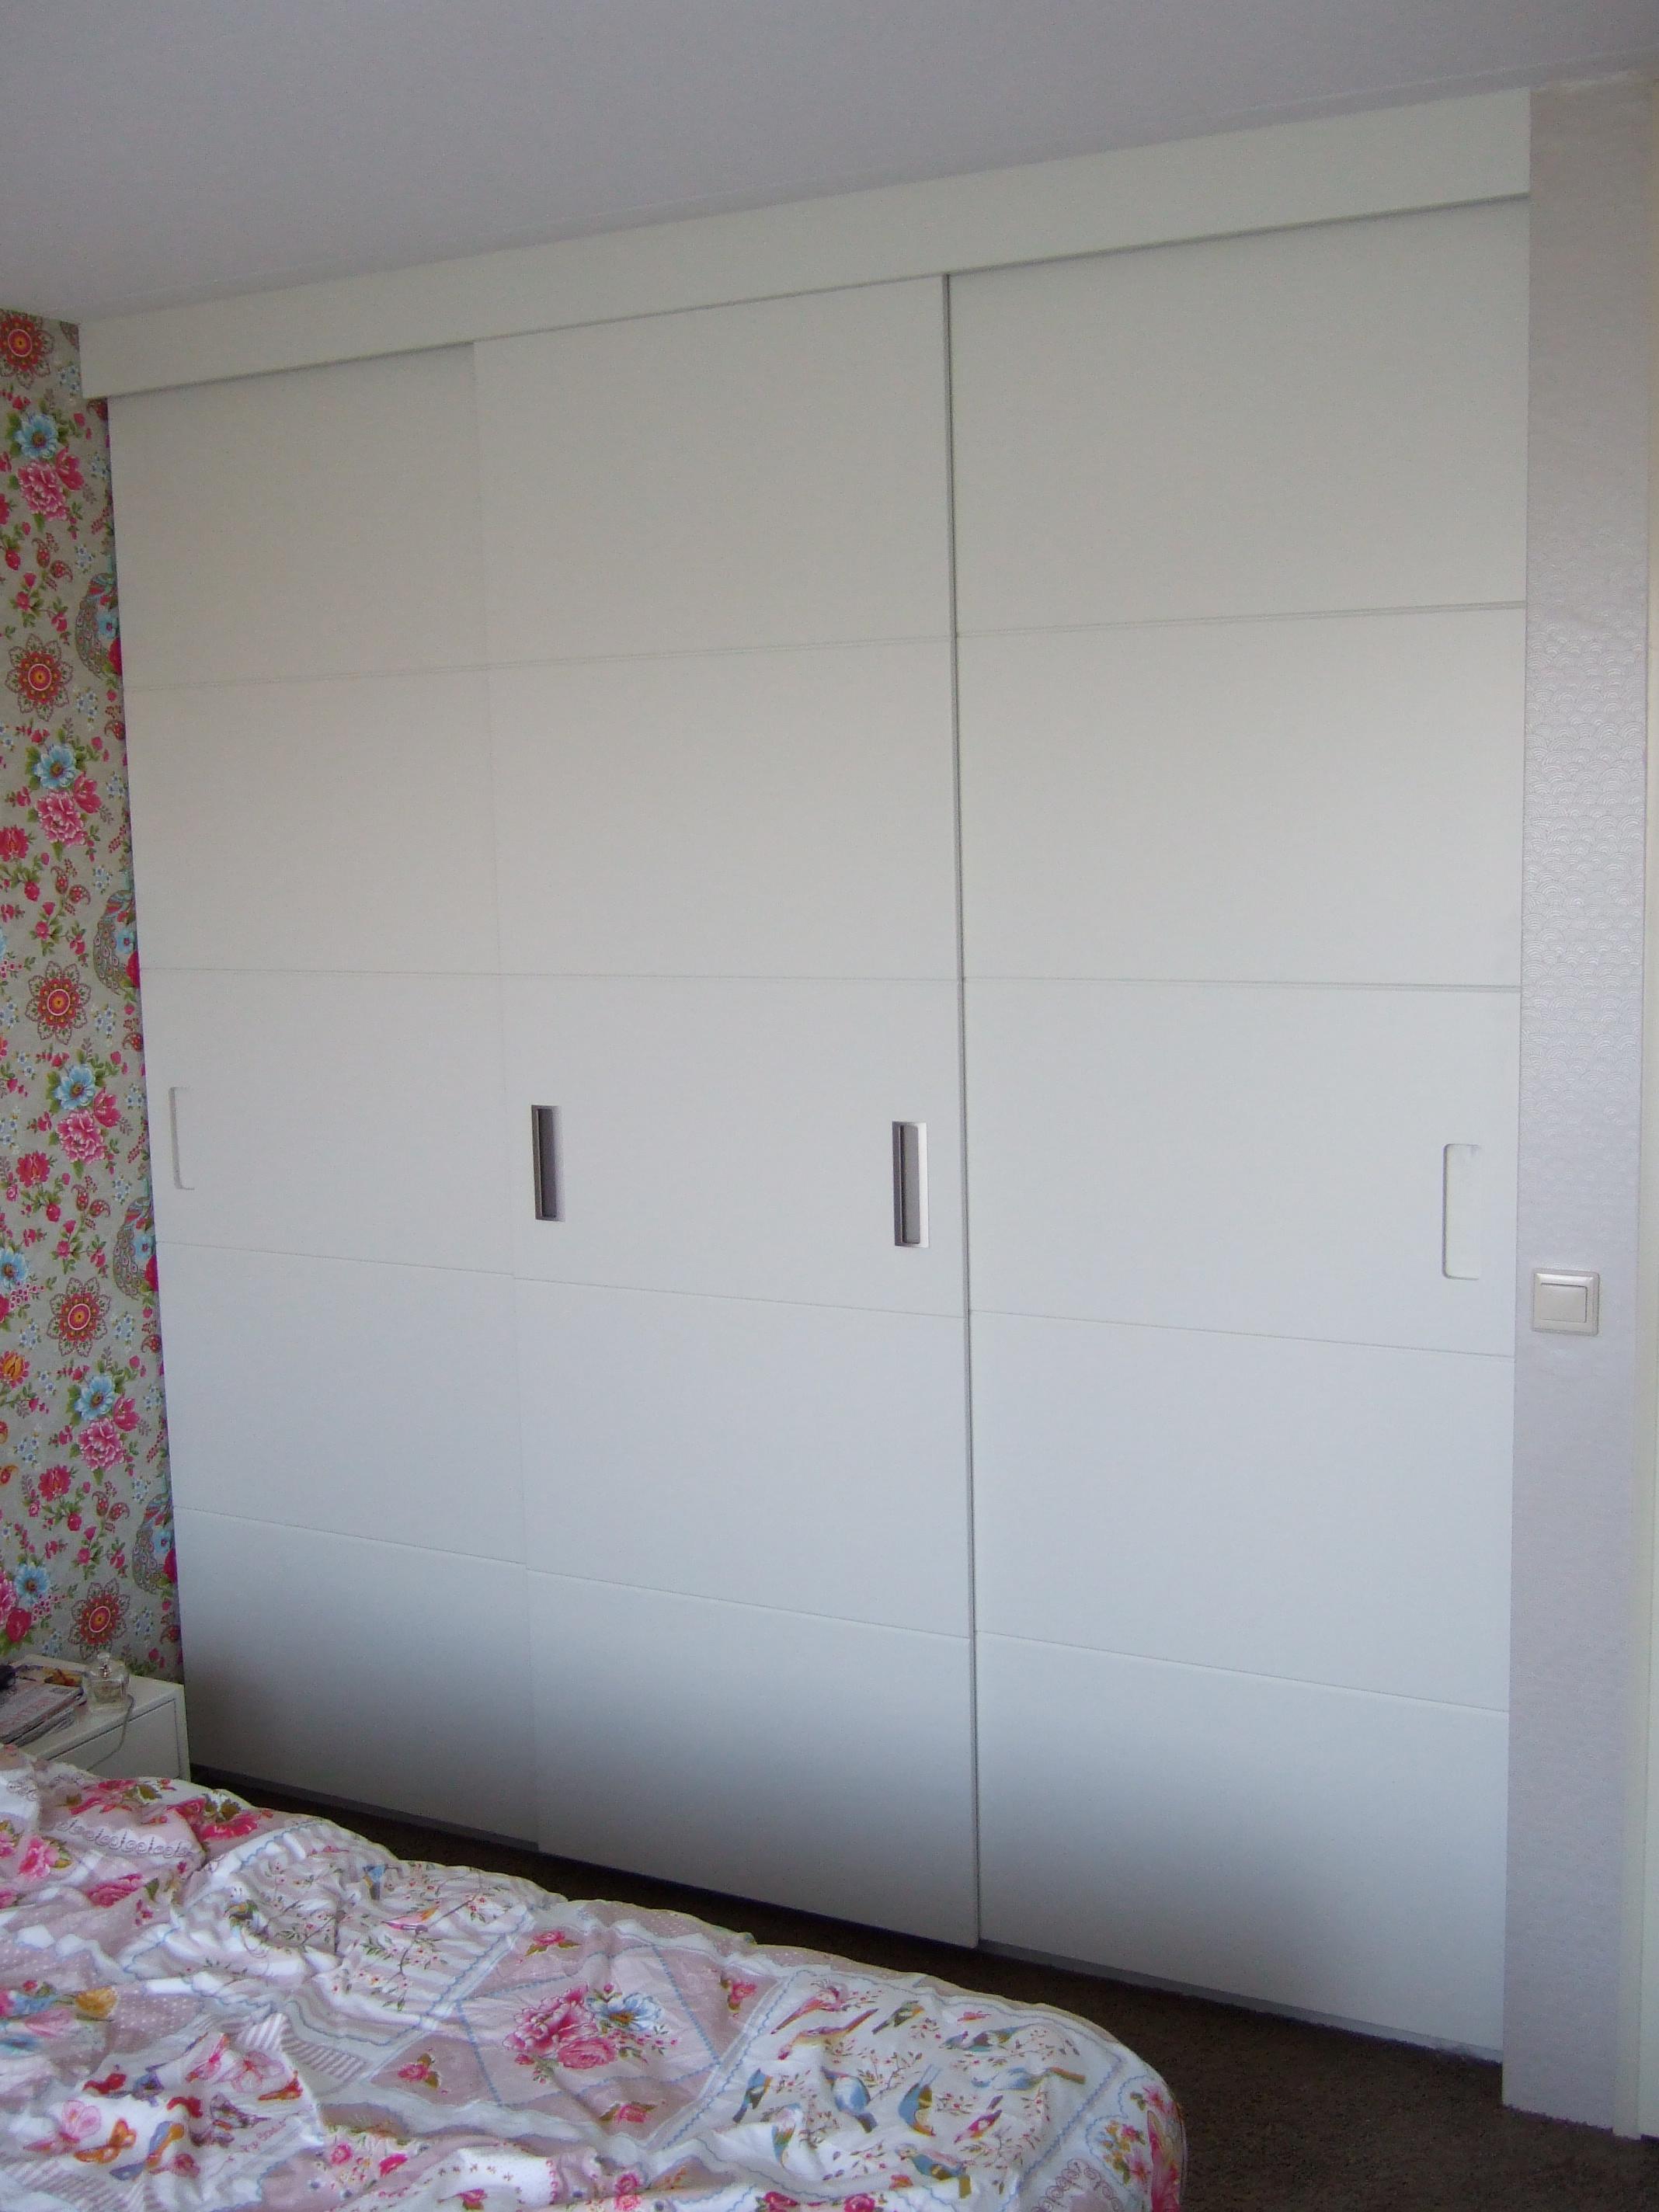 Inbouwkast slaapkamer · meubelmakerij mark